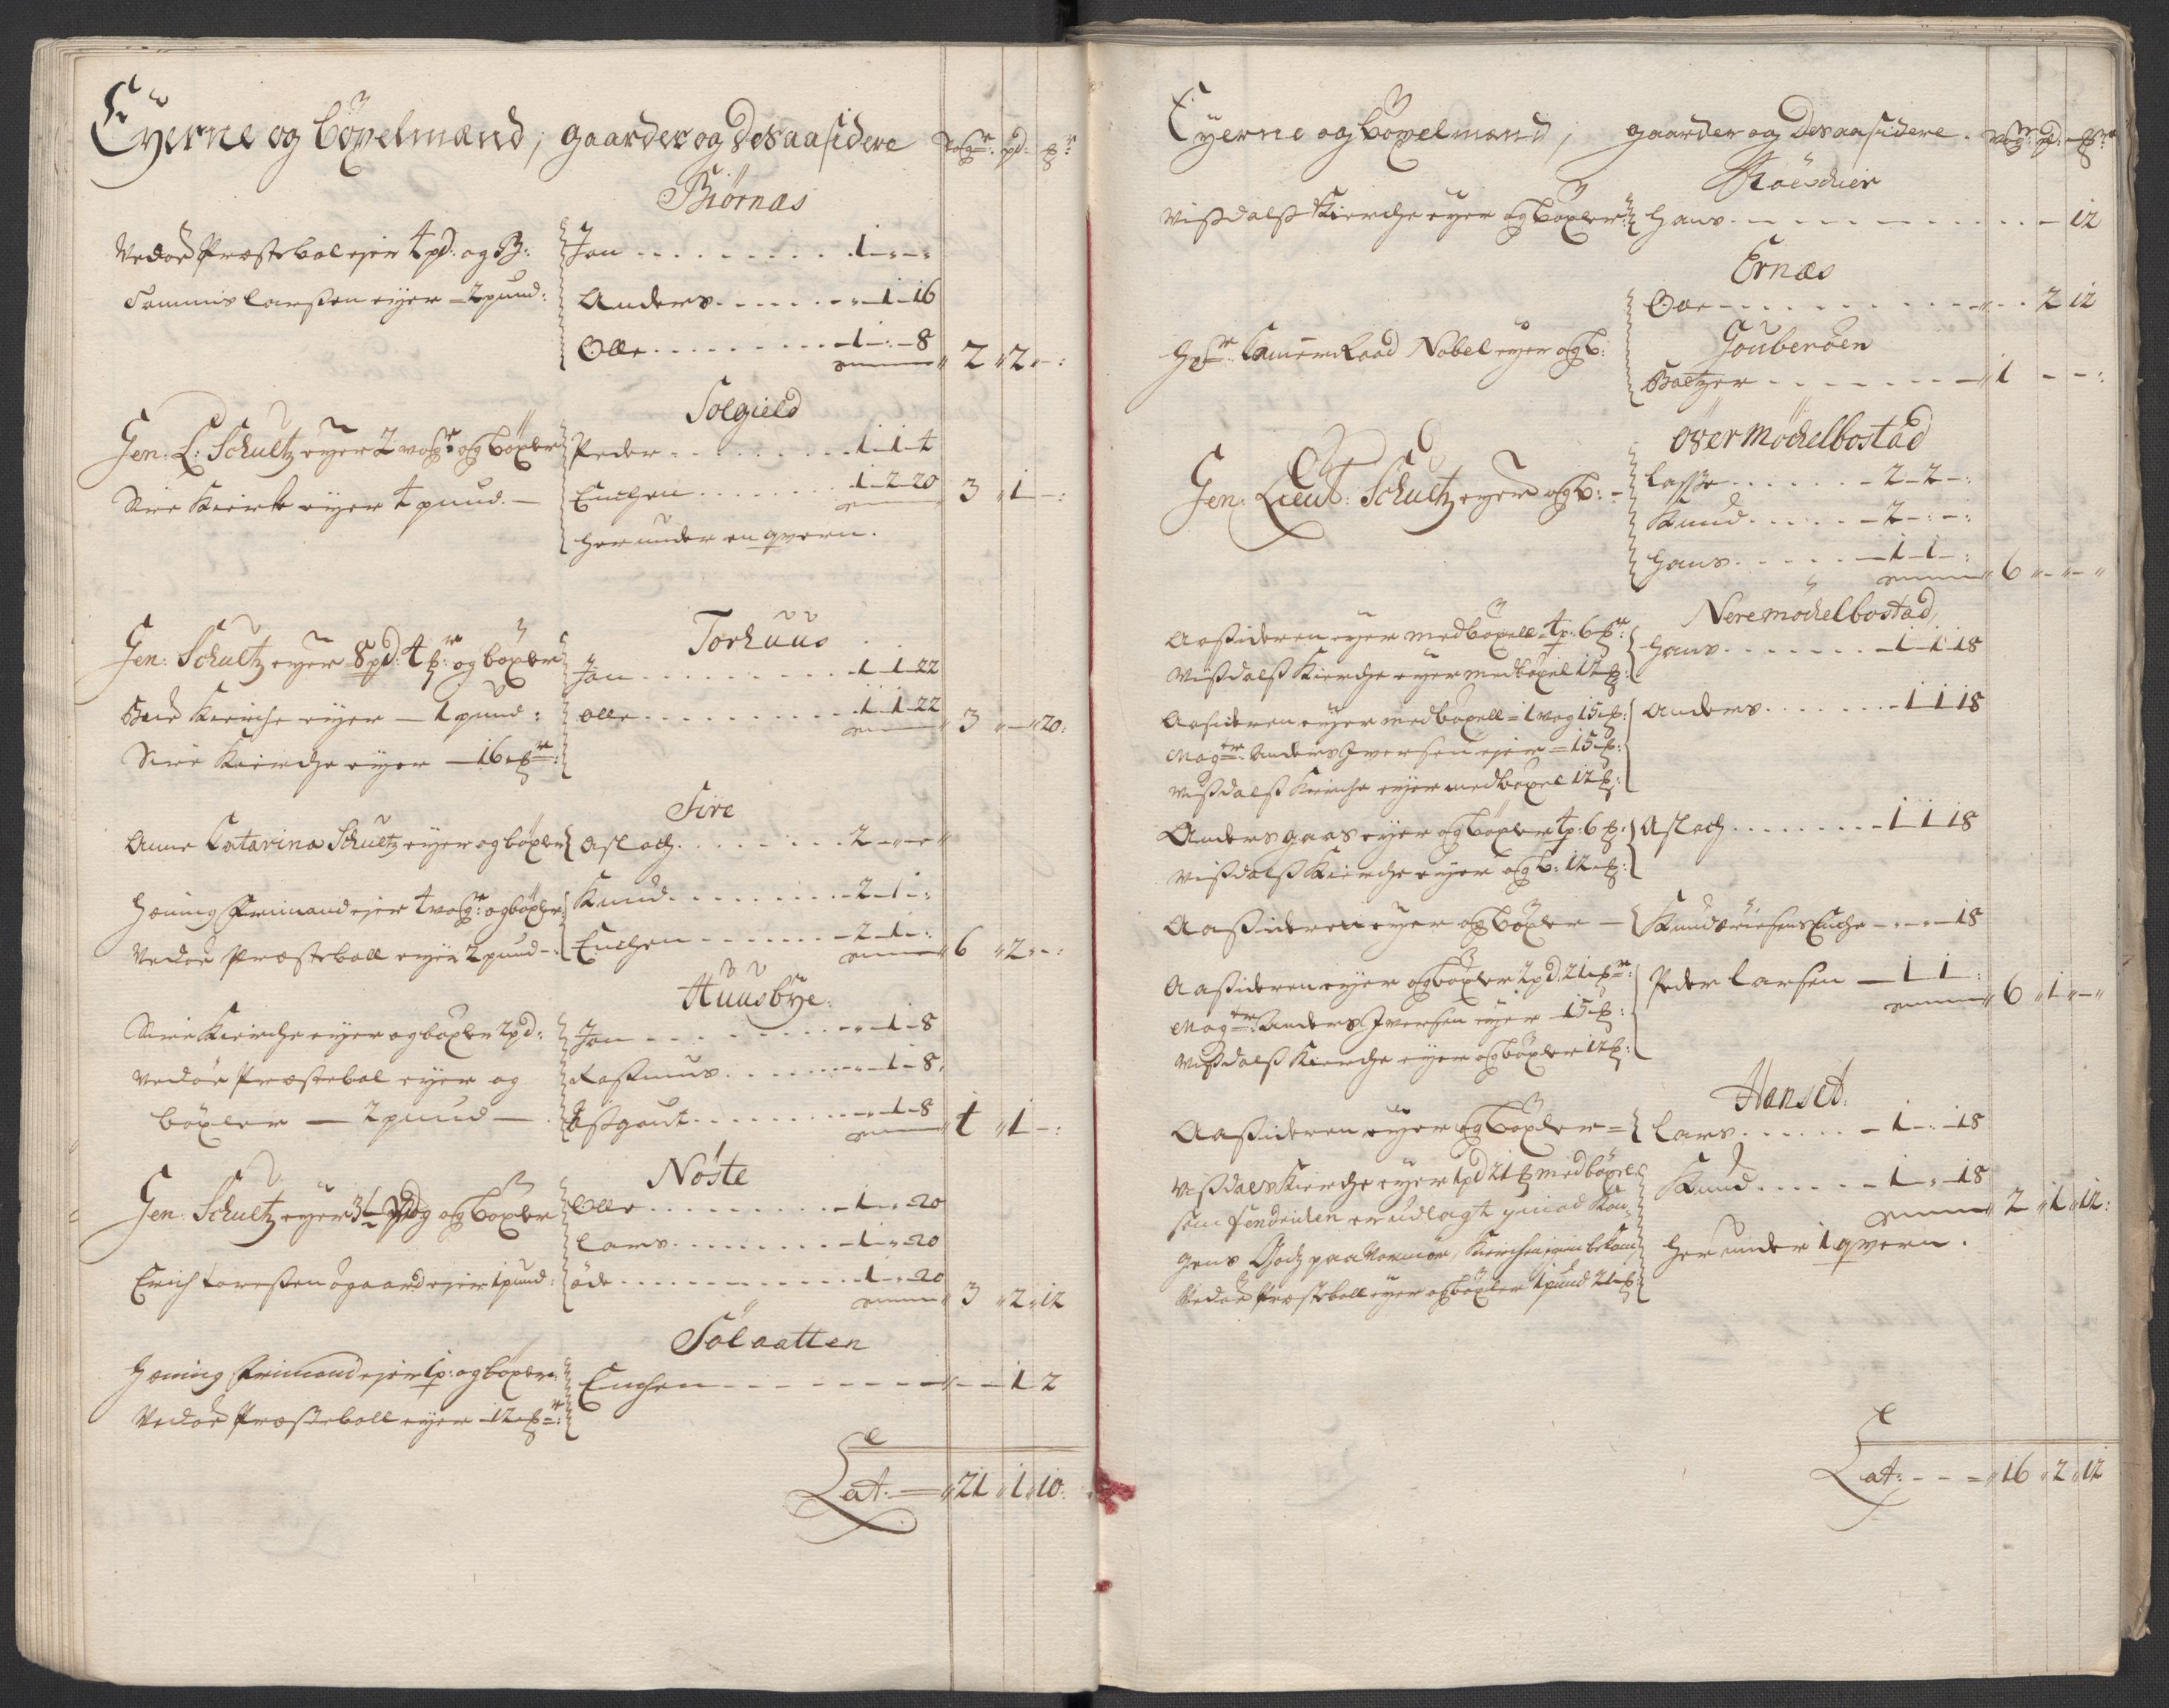 RA, Rentekammeret inntil 1814, Reviderte regnskaper, Fogderegnskap, R55/L3664: Fogderegnskap Romsdal, 1717, s. 31